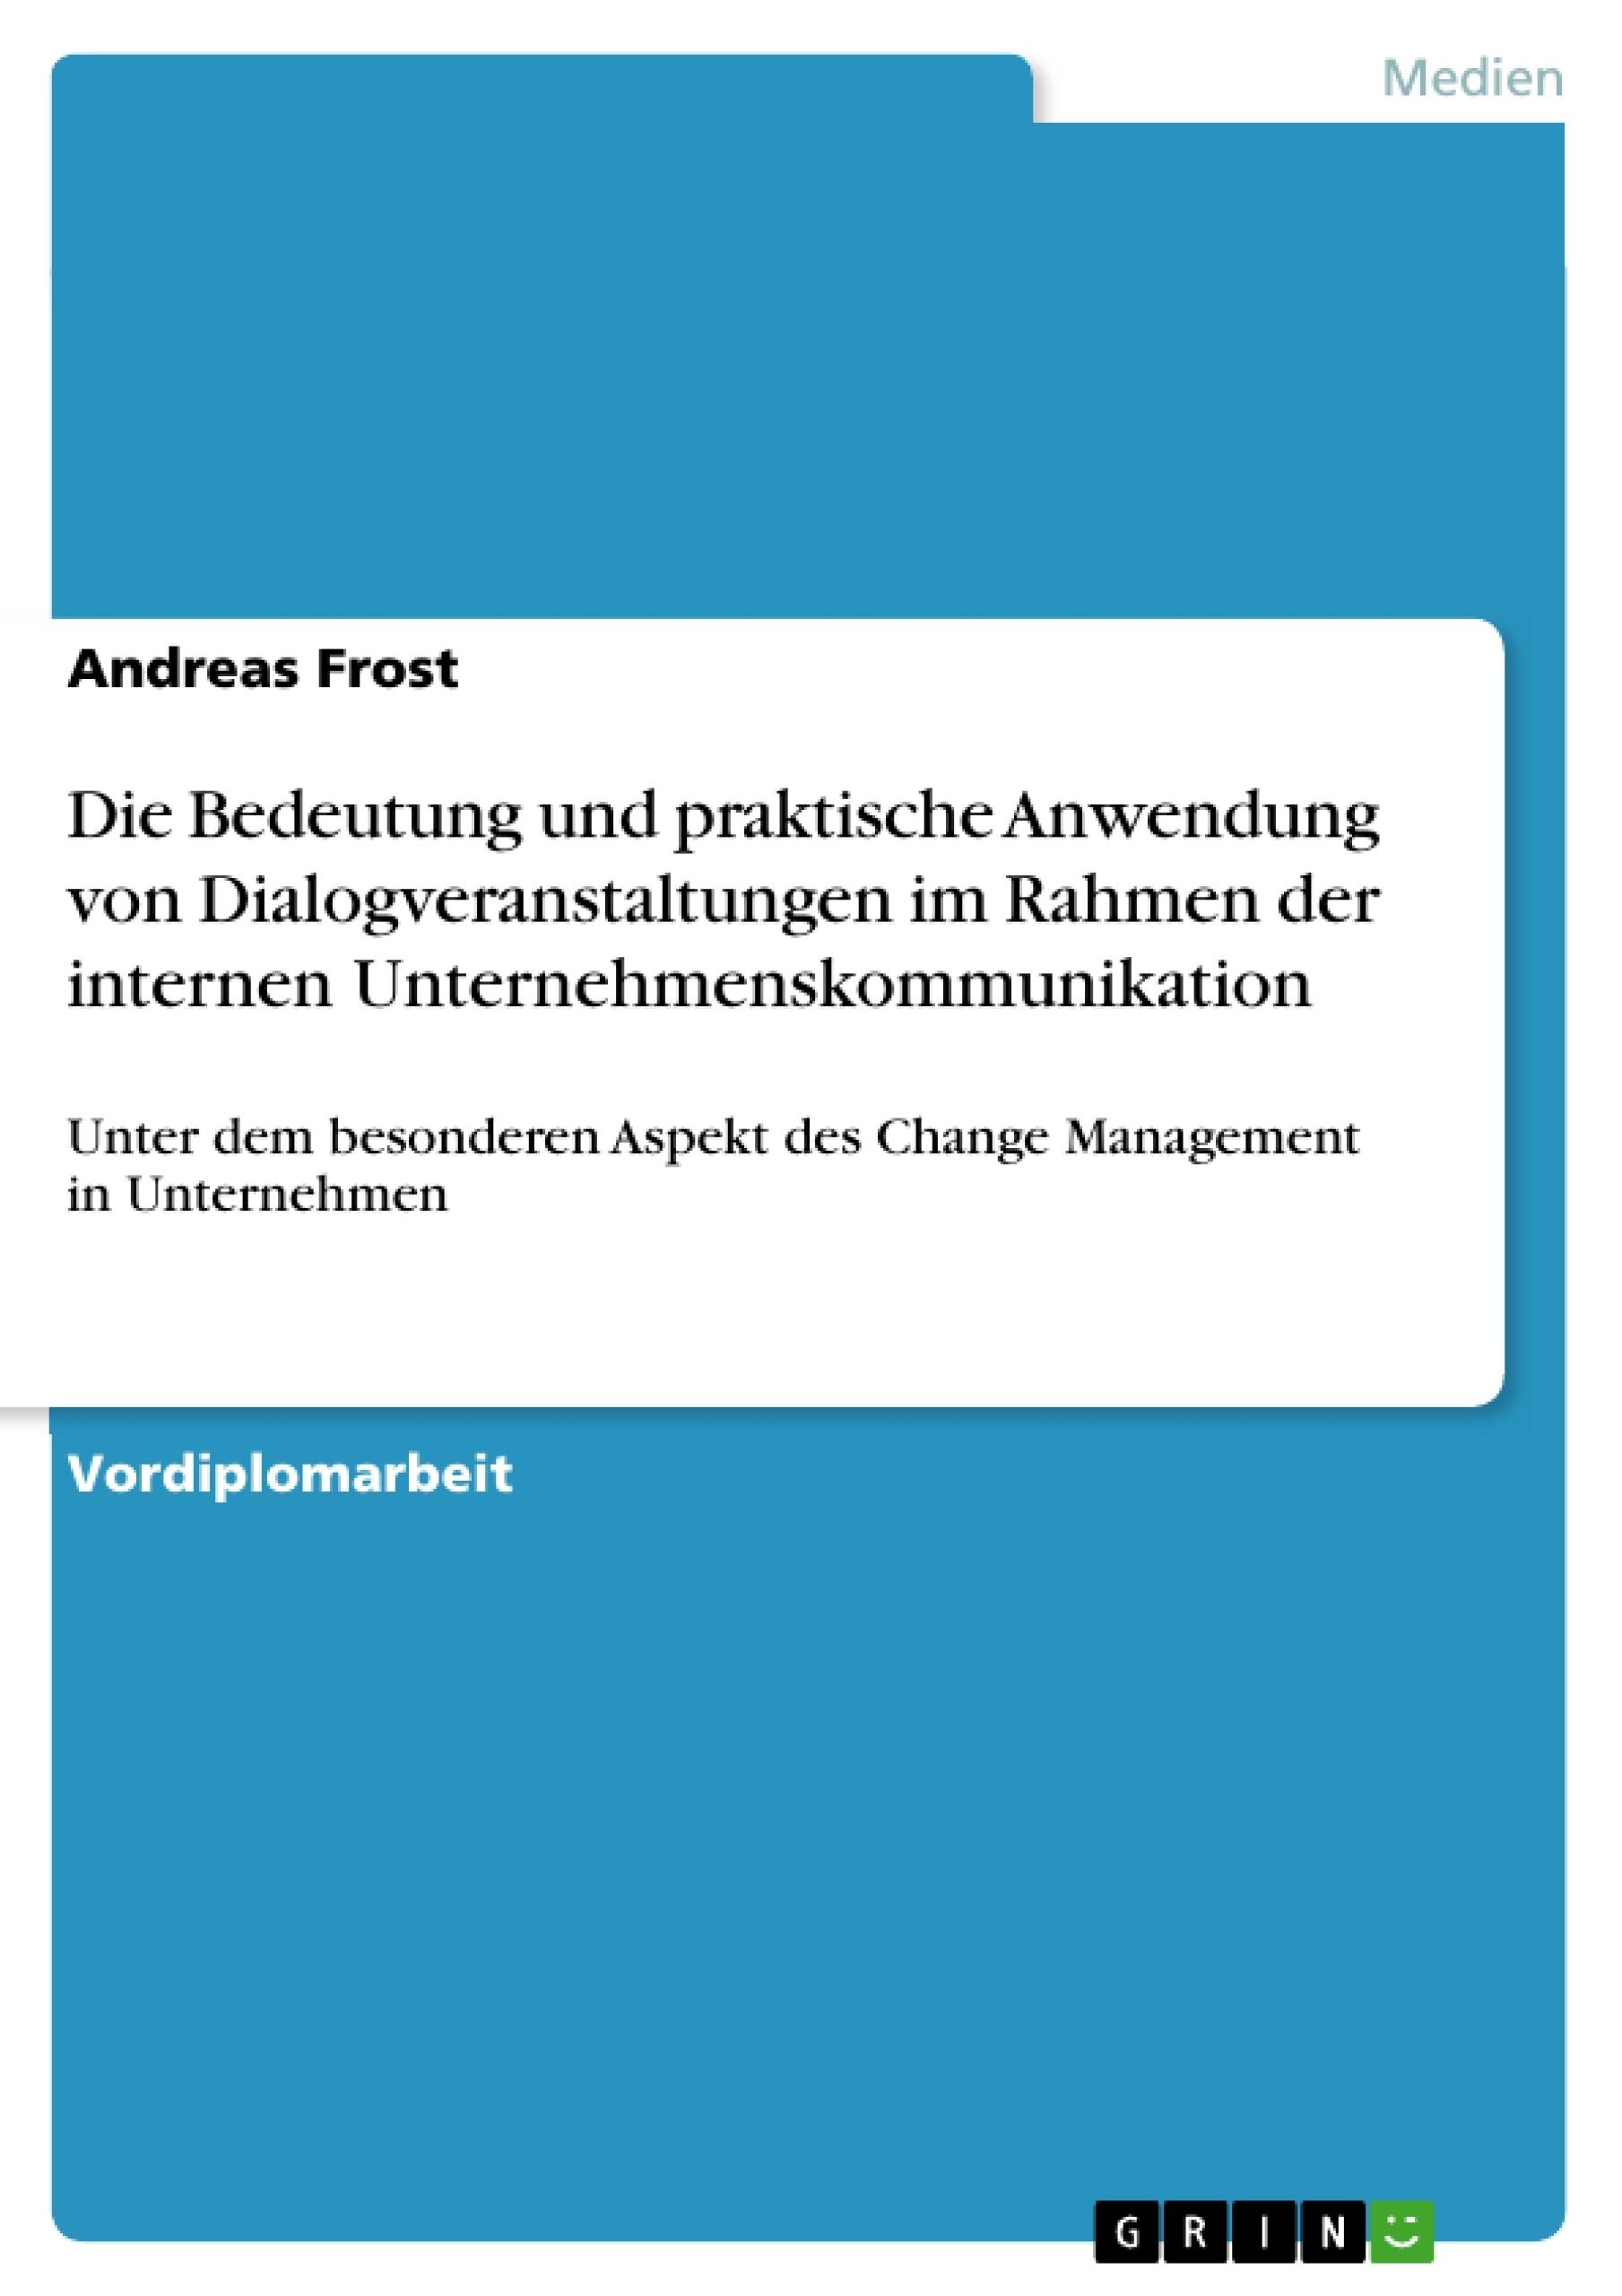 Titel: Die Bedeutung und praktische Anwendung von Dialogveranstaltungen im Rahmen der internen Unternehmenskommunikation